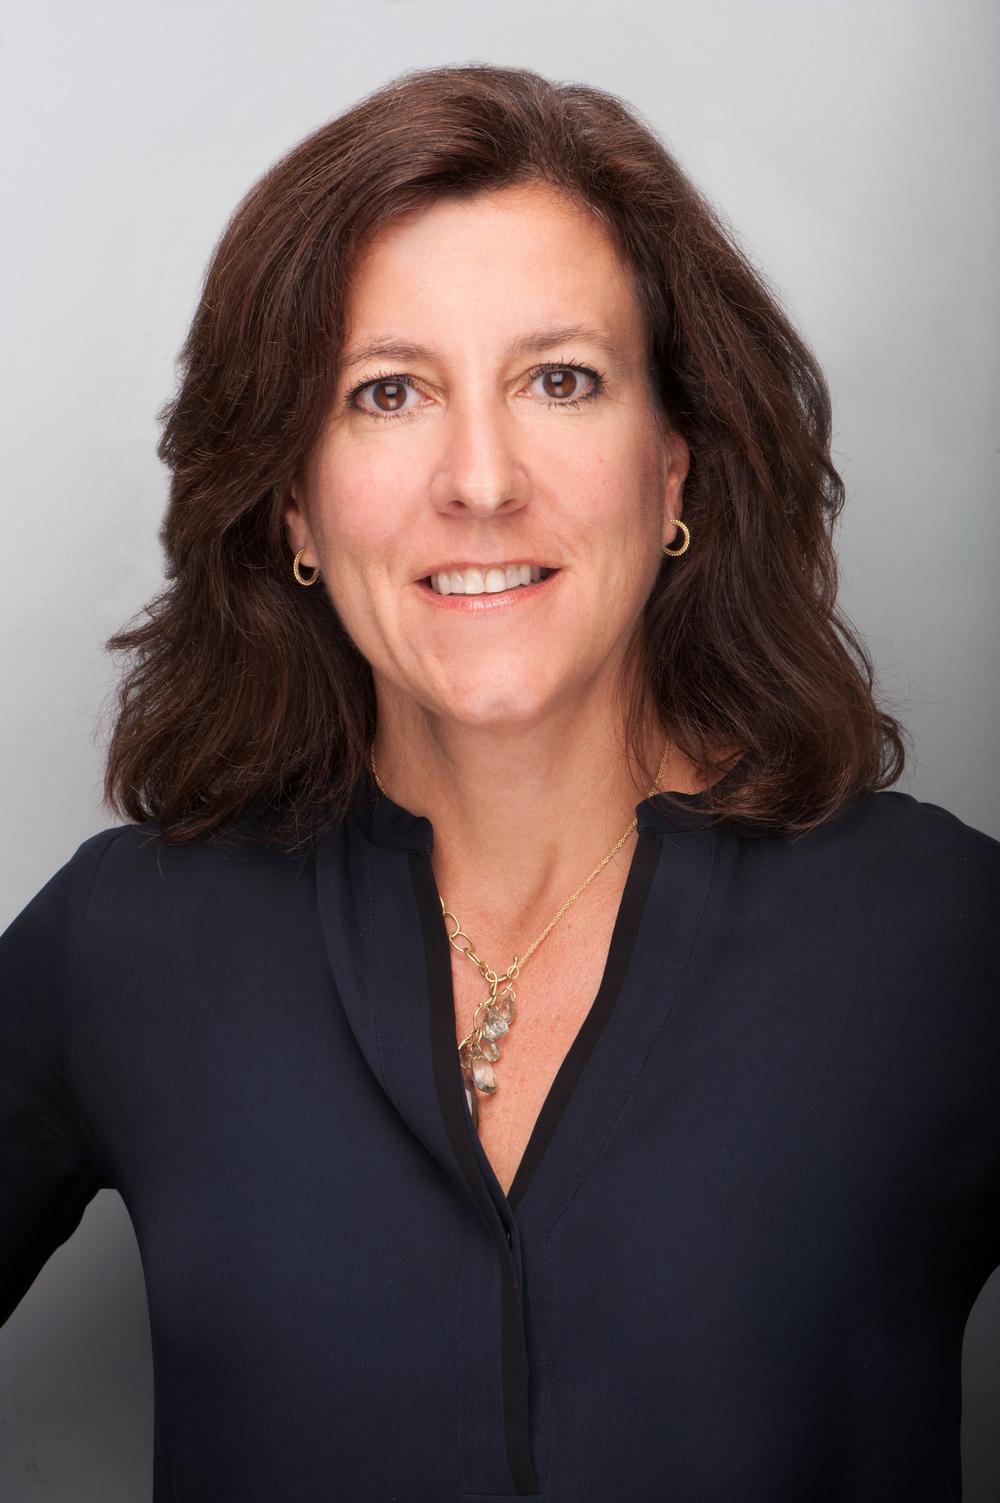 Innovid's President, Beth-Ann Eason